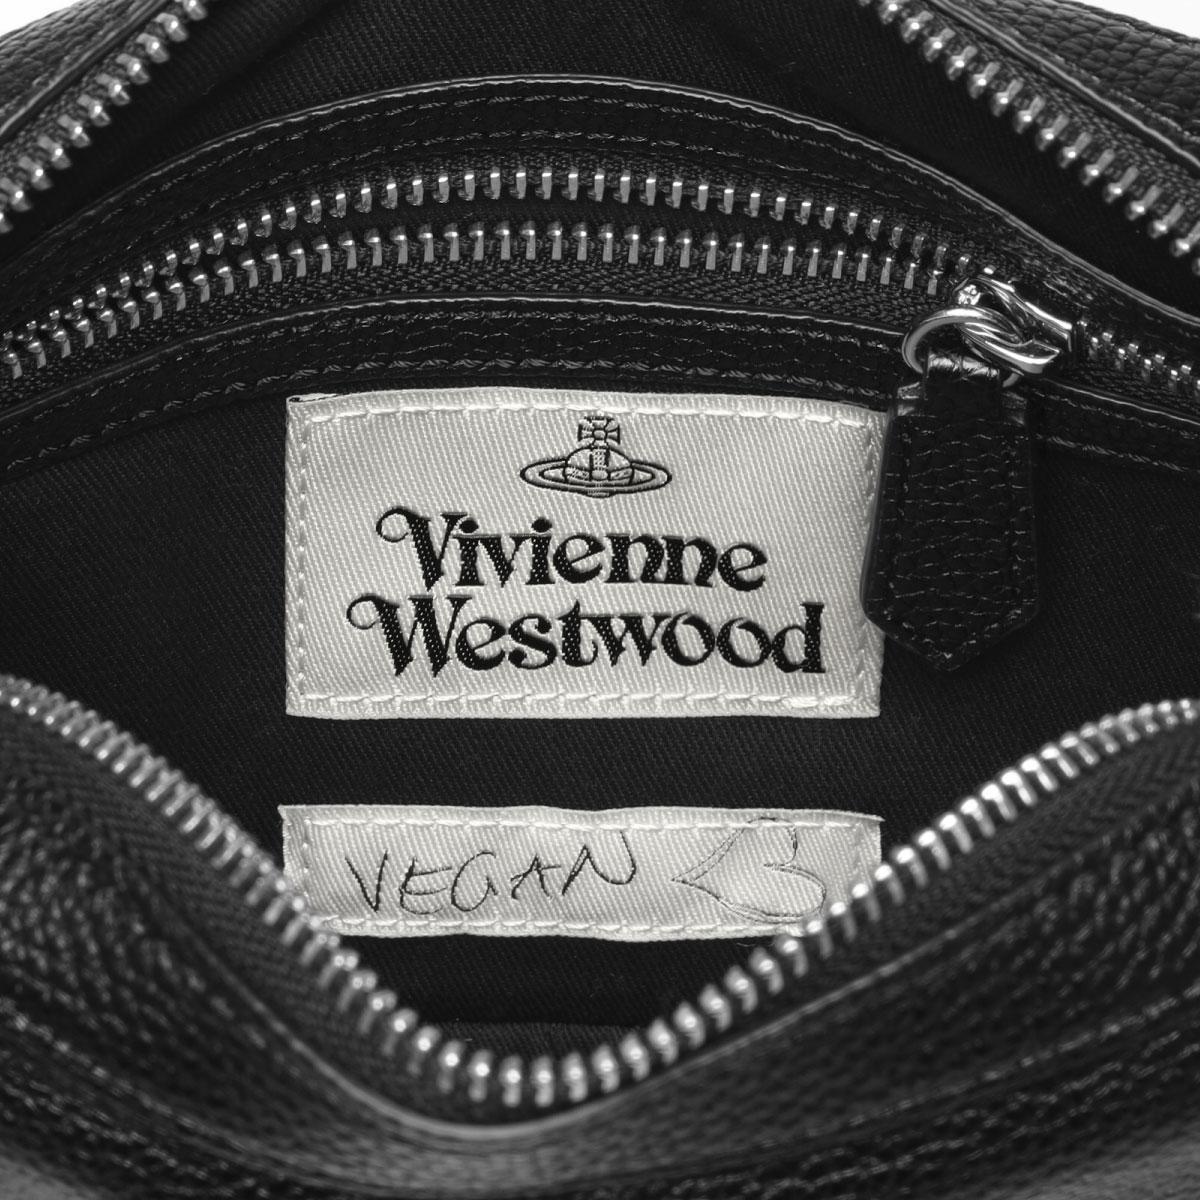 VIVIENNE WESTWOOD ヴィヴィアン ウエストウッド | ショルダーバッグ | JOHANNA ジョアンナ